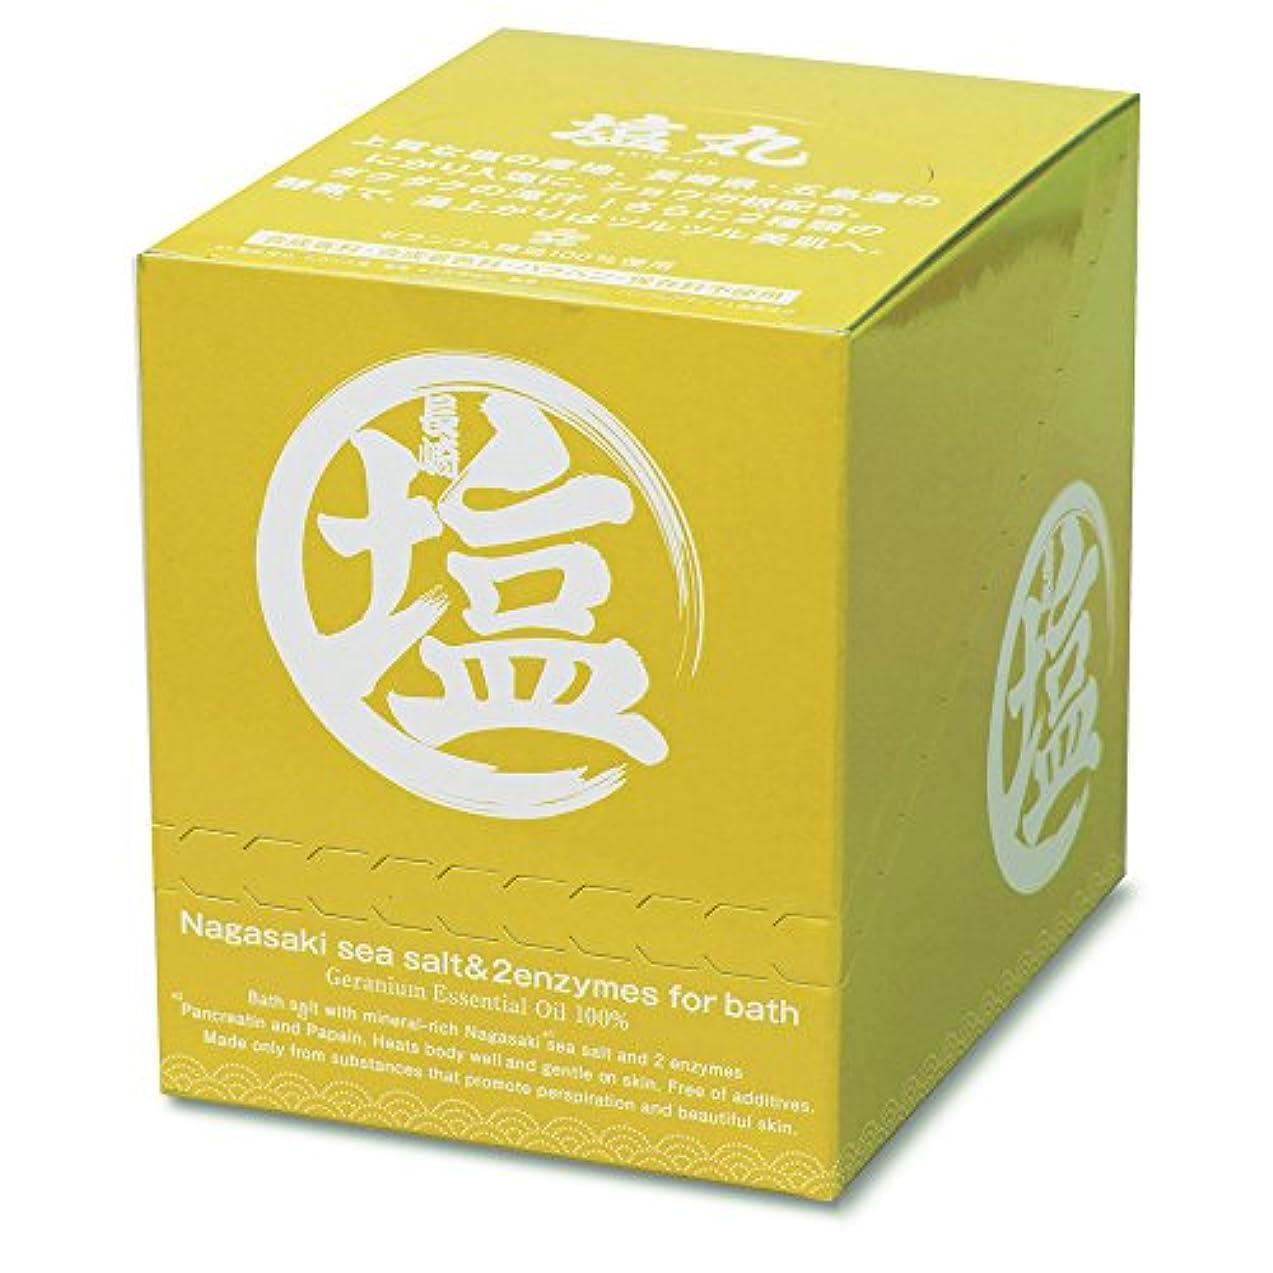 確かめるコンパスロンドン(塩丸)長崎産にがり入海塩入浴剤(40g×12包入)イランイラン精油/合成香料?合成着色料?保存料不使用